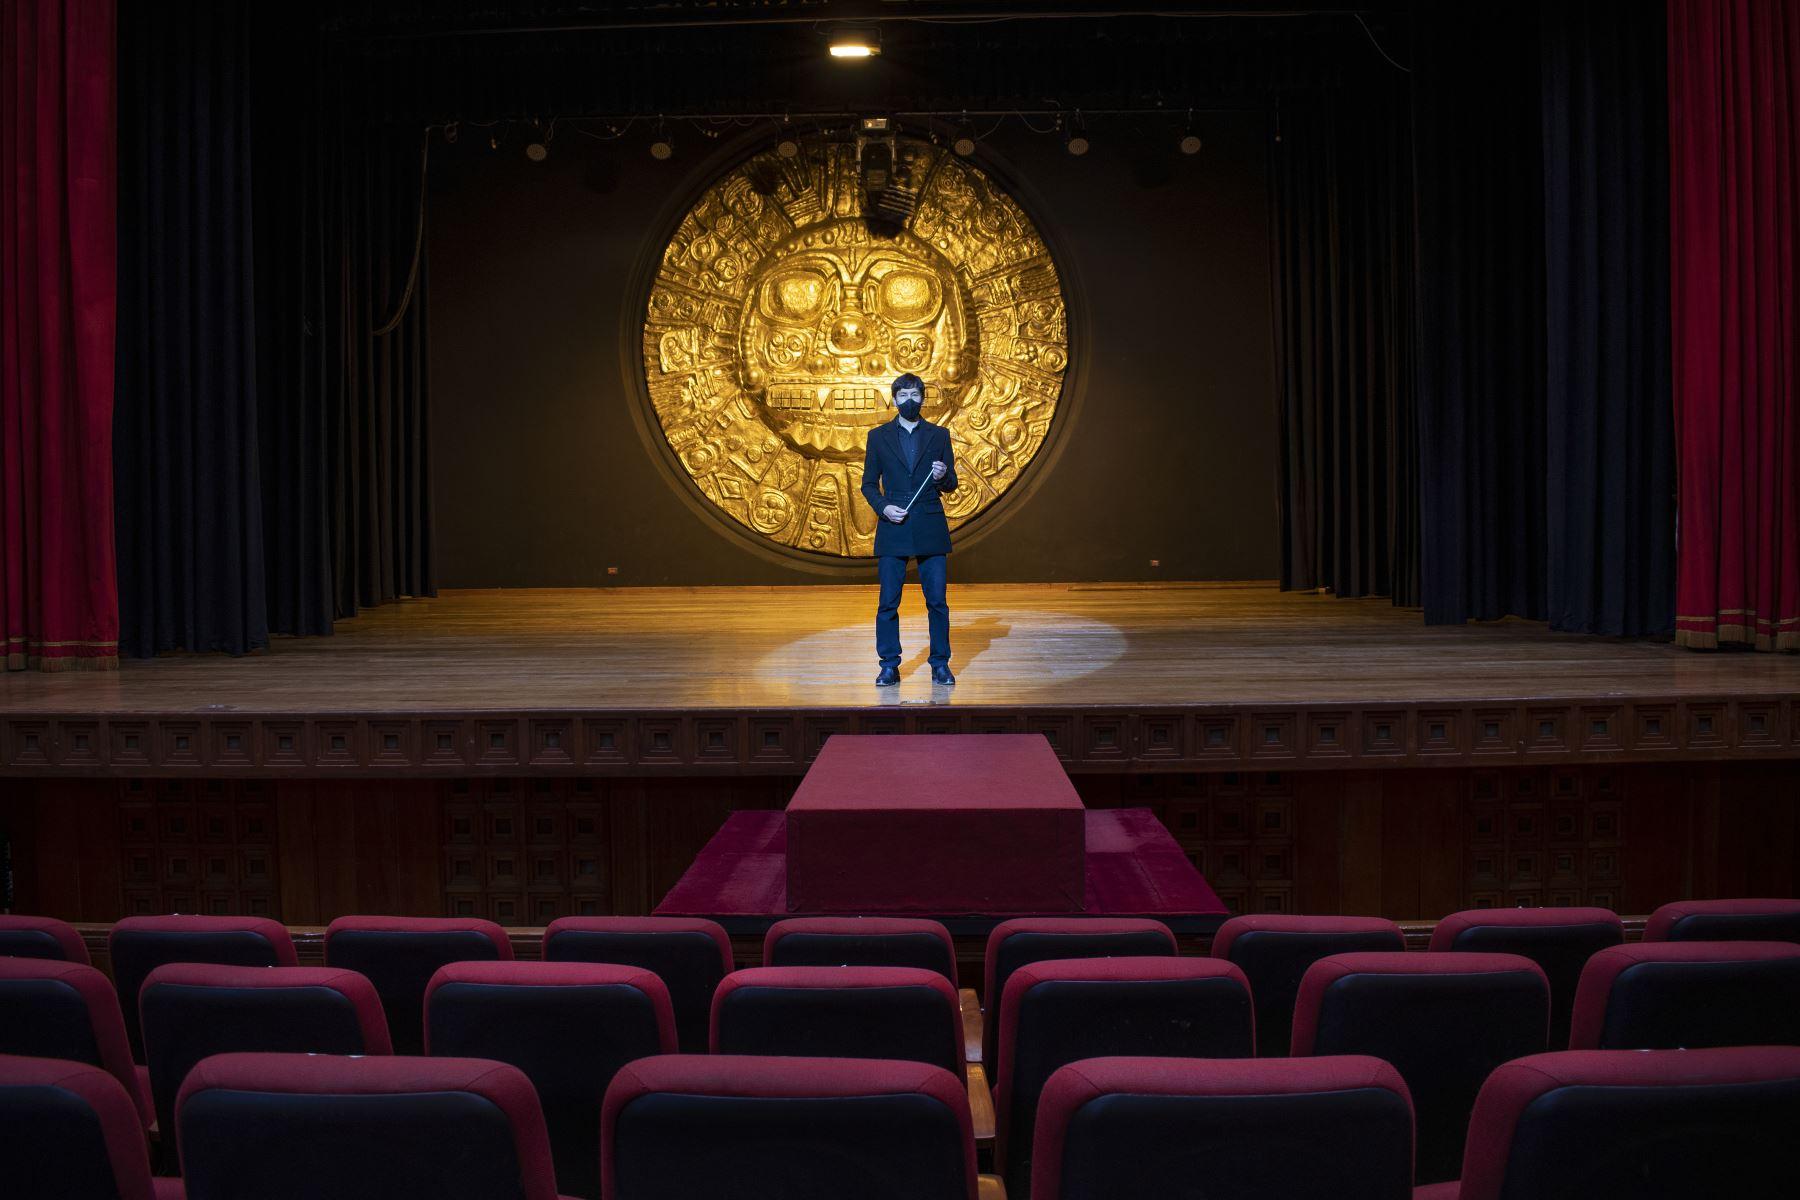 Theo Tupayachi, Director de la Orquesta Sinfónica del Cusco en el Teatro Municipal de Cusco. Si bien sus conciertos virtuales tienen gran acogida en redes sociales, los músicos añoran la experiencia de la música en directo y el aplauso del público. Foto: Sharon Castellanos, con el apoyo del Fondo de emergencia COVID-19 de The National Geographic Society